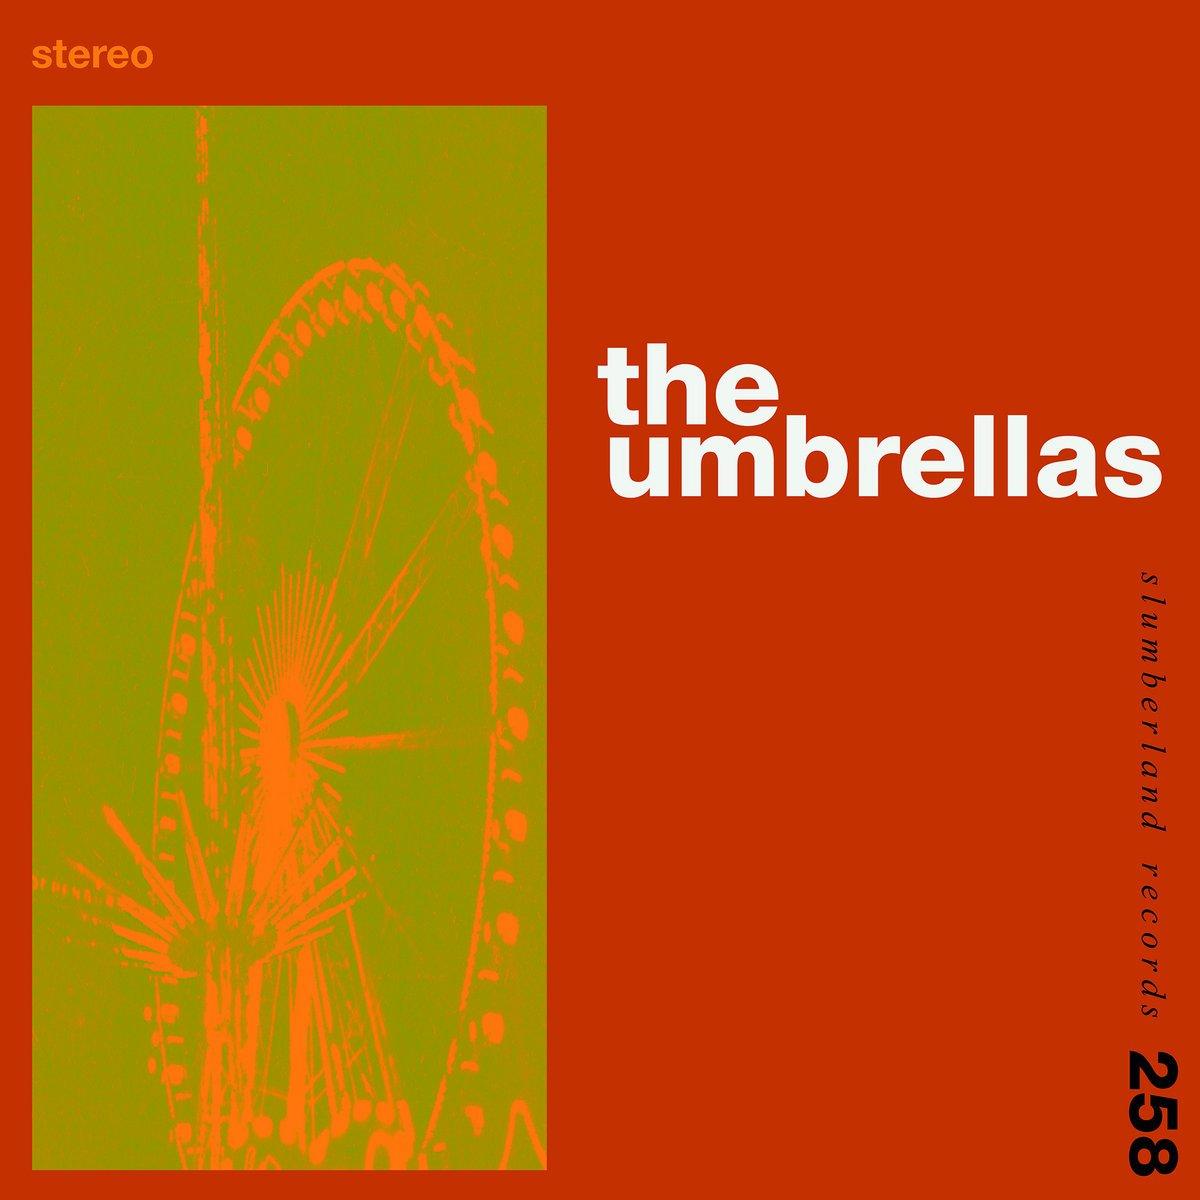 The Umbrellas - The Umbrellas [LP] (Clear Green Vinyl)